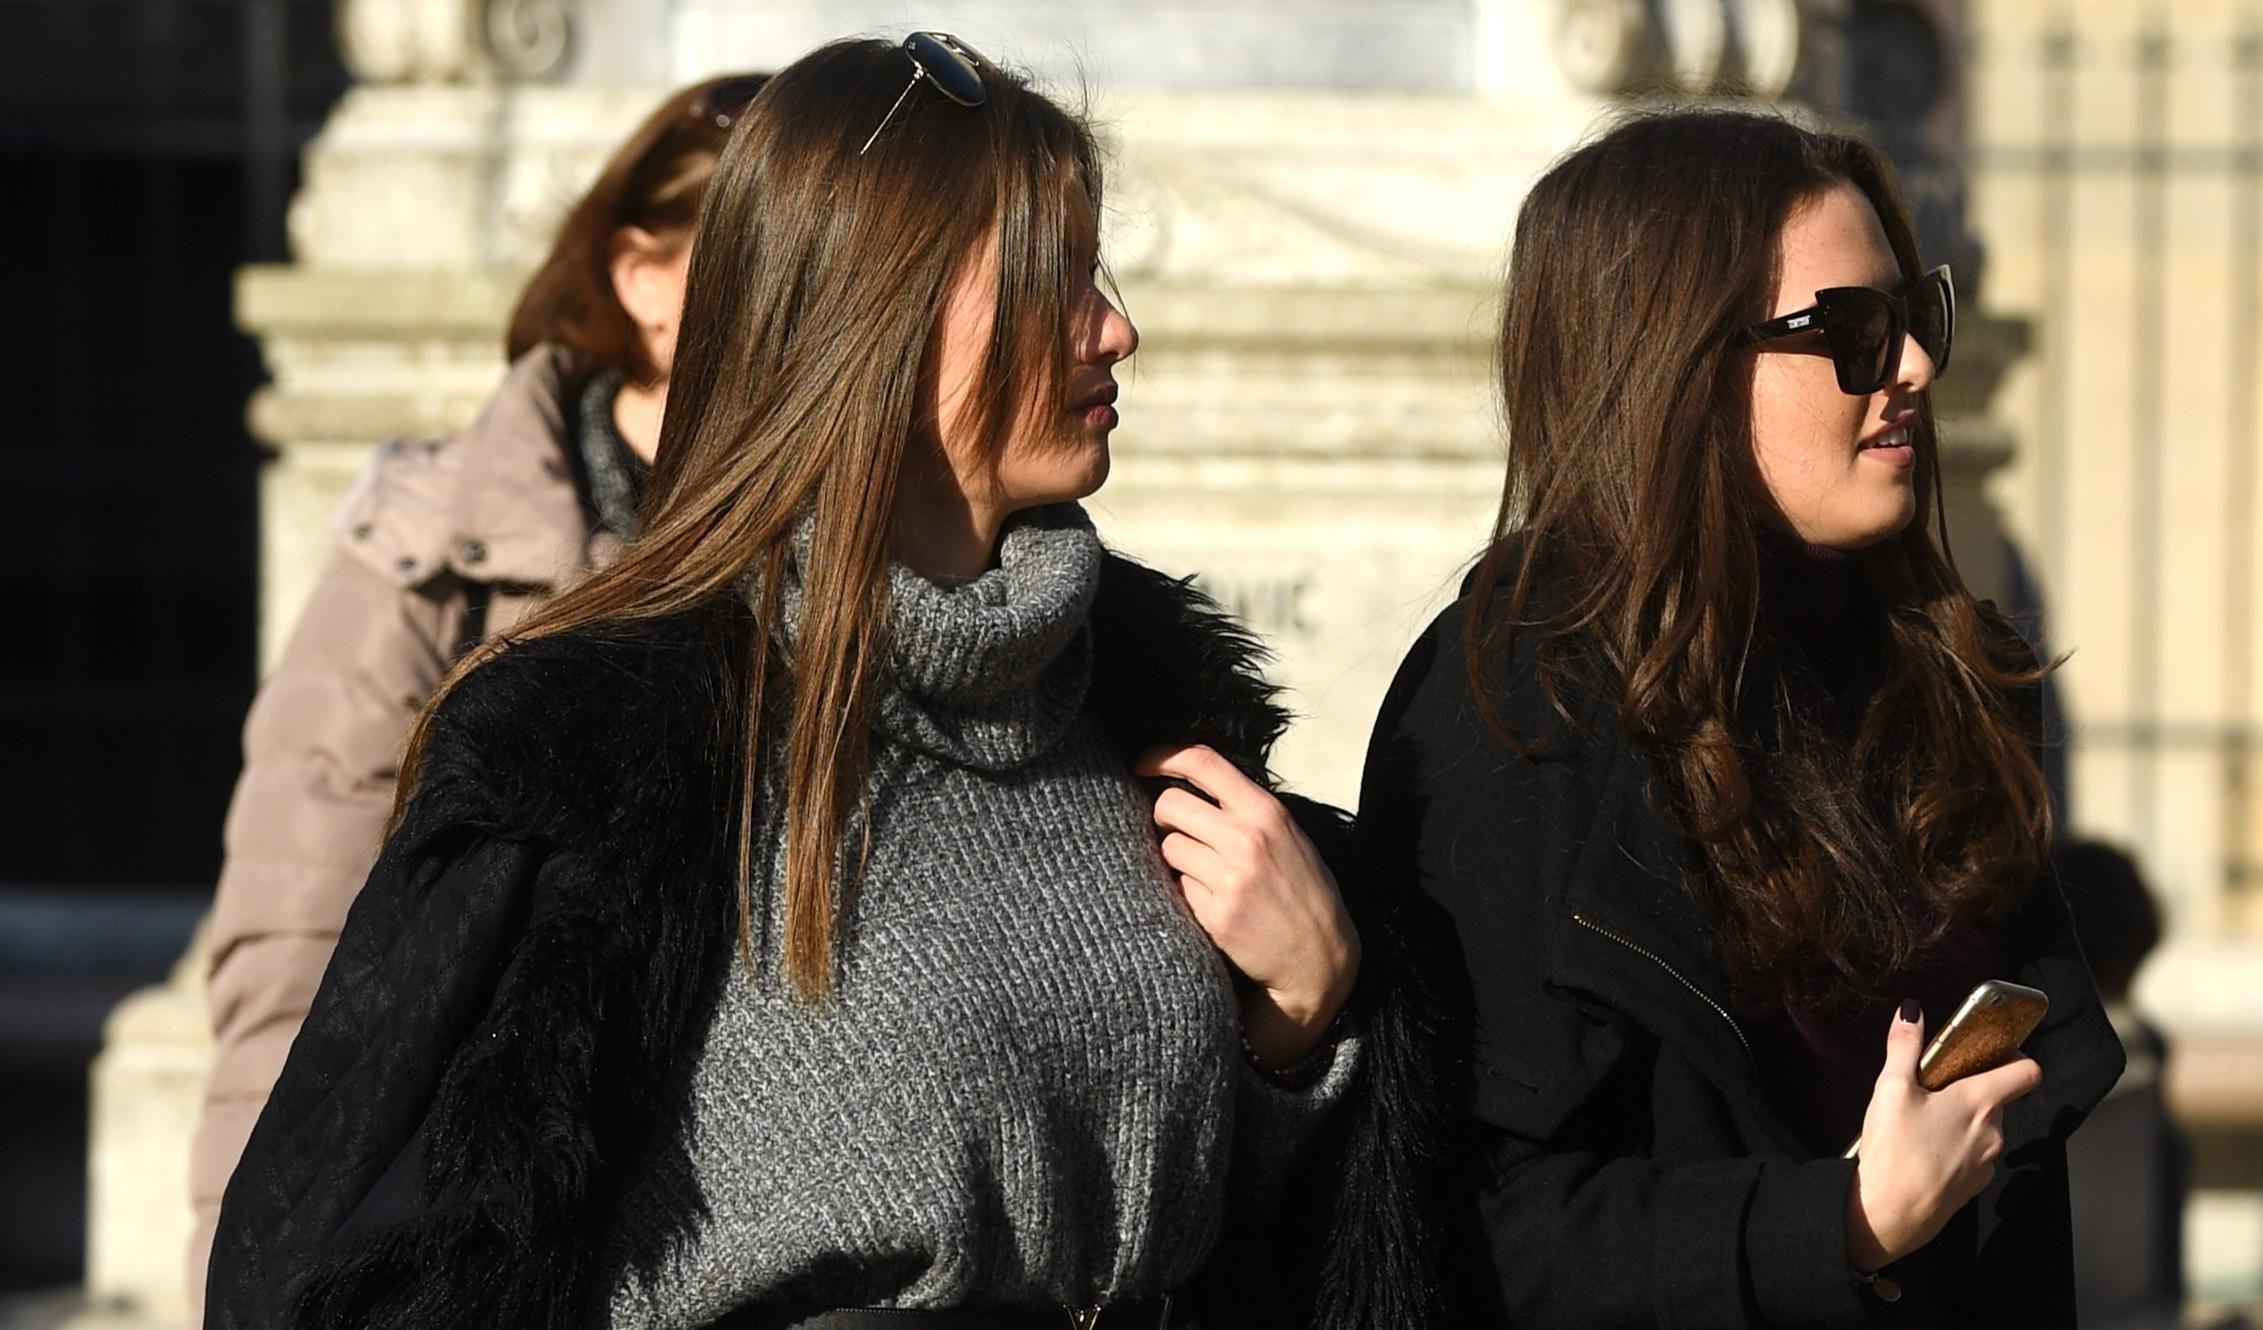 Atraktivne brinete privukle poglede prolaznika u istim čizmama - koja ih bolje nosi?